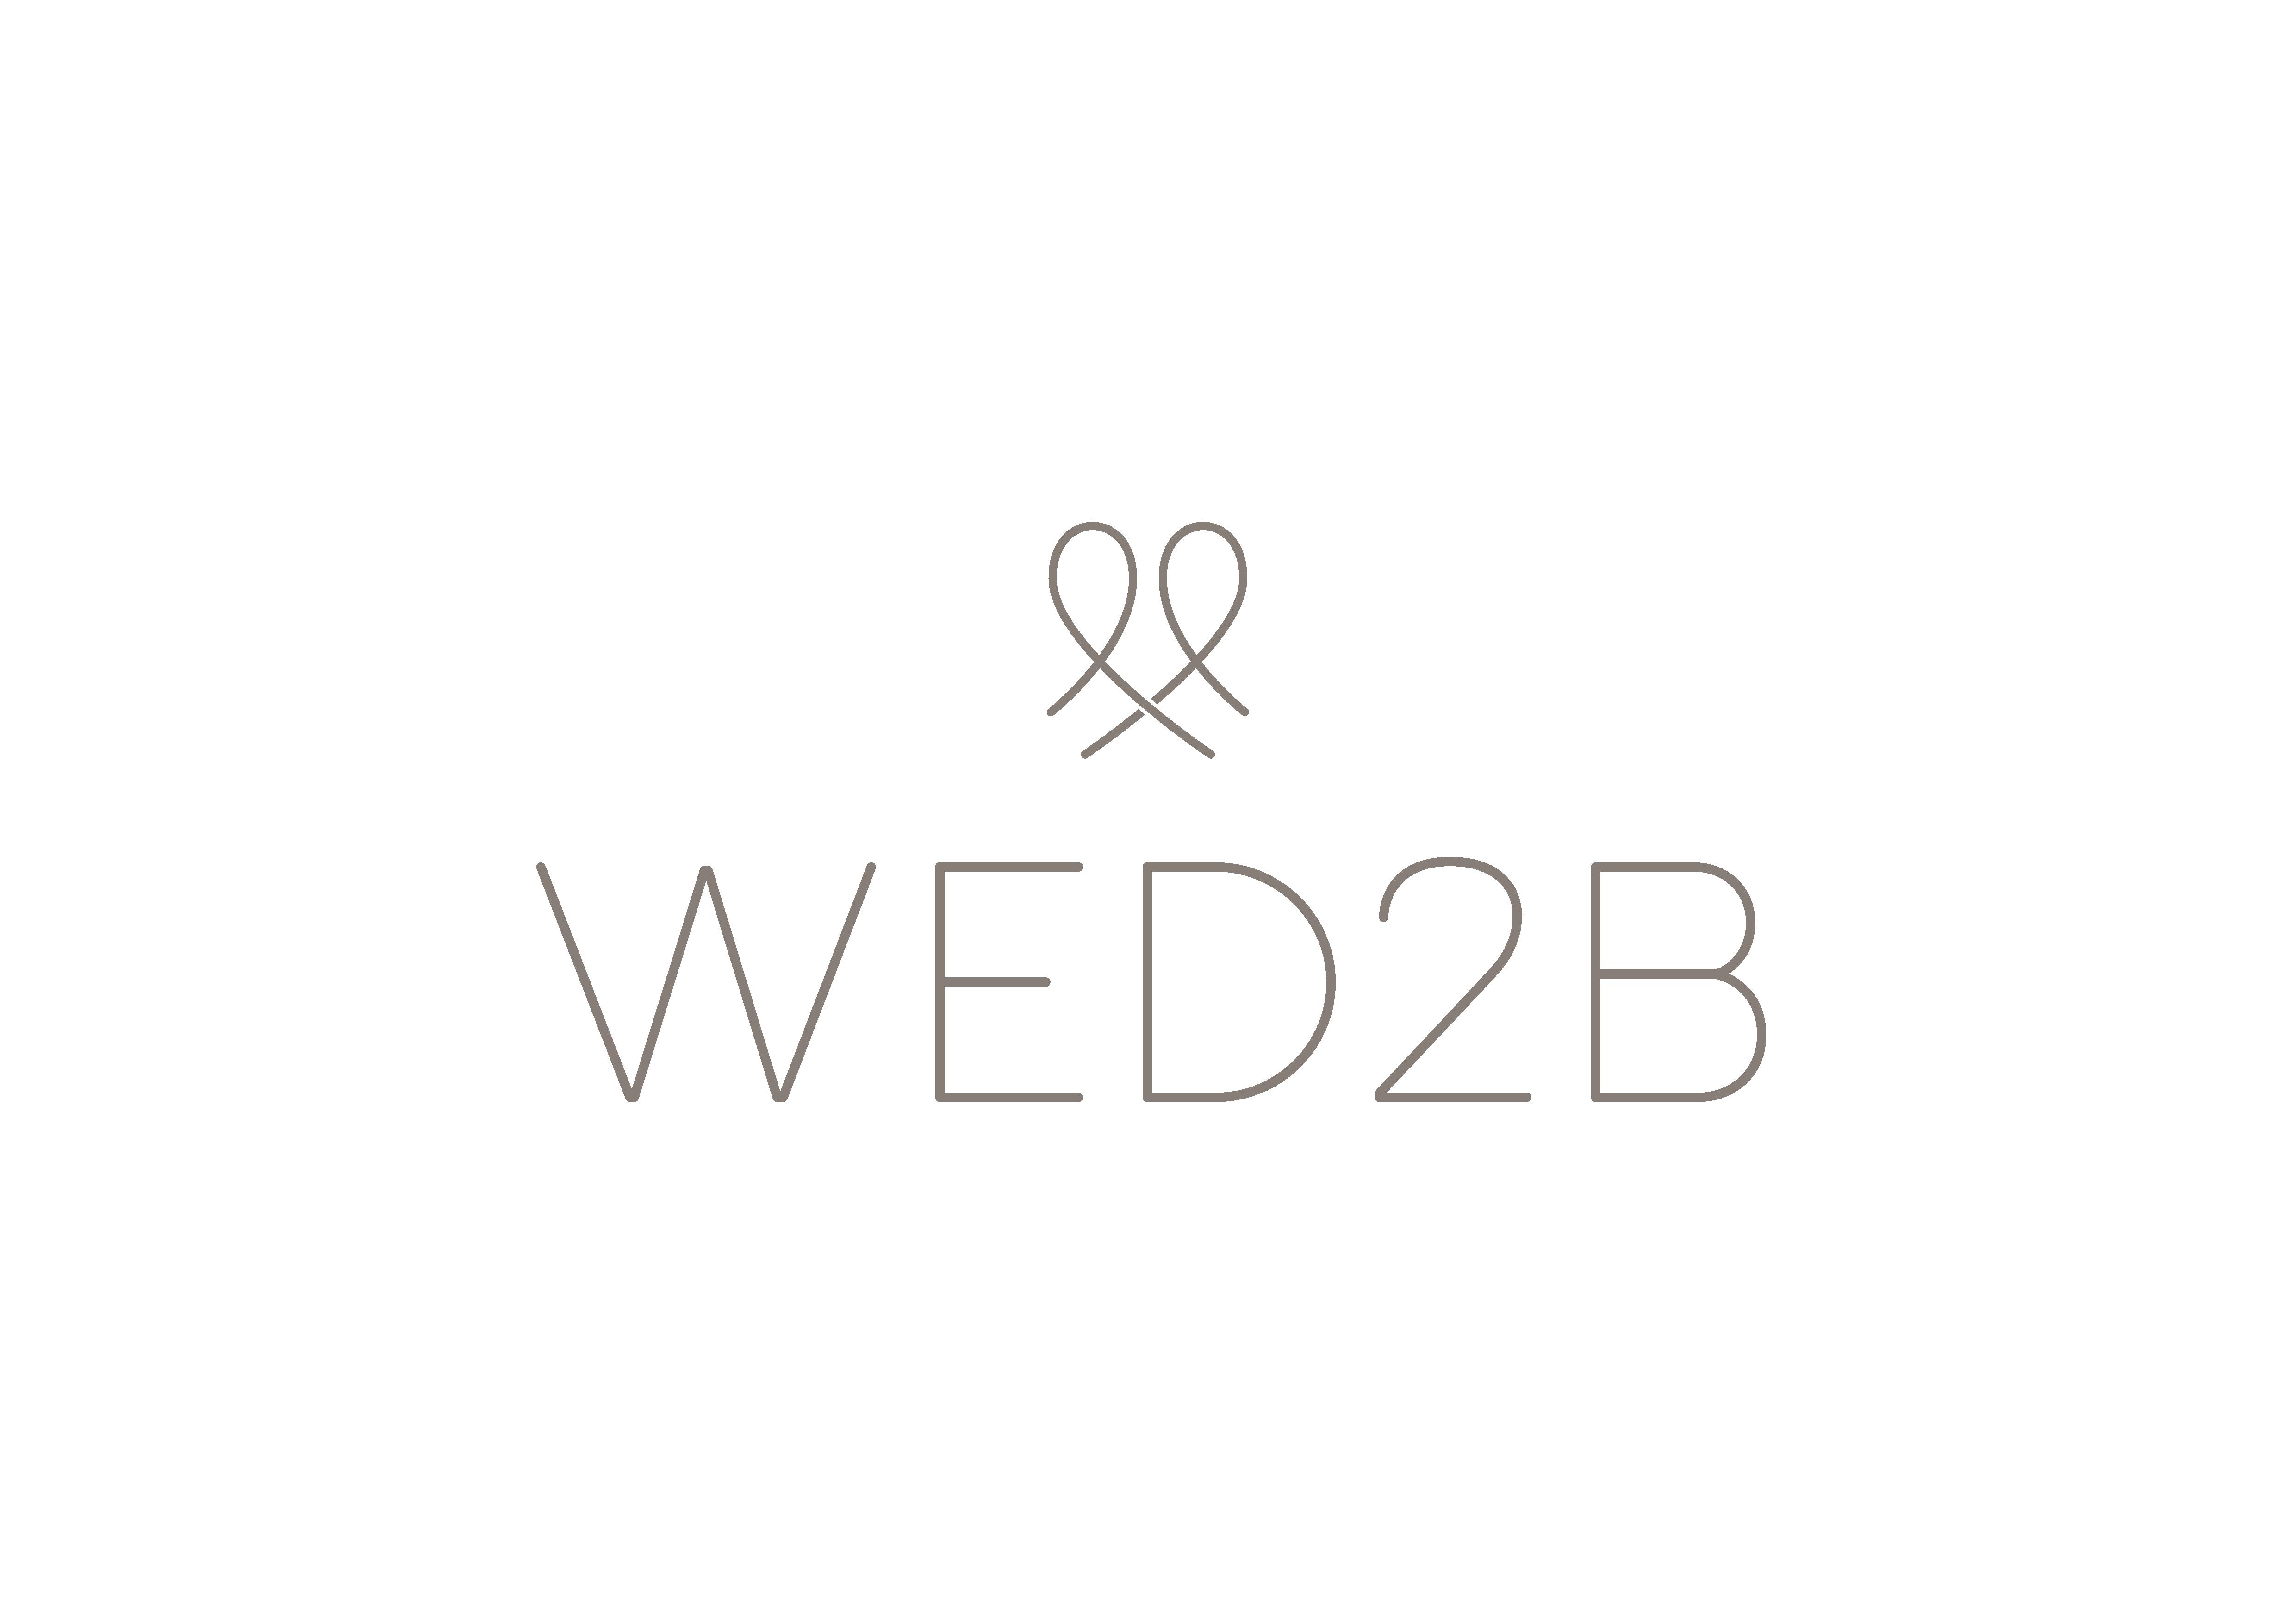 Wed 2 B_3